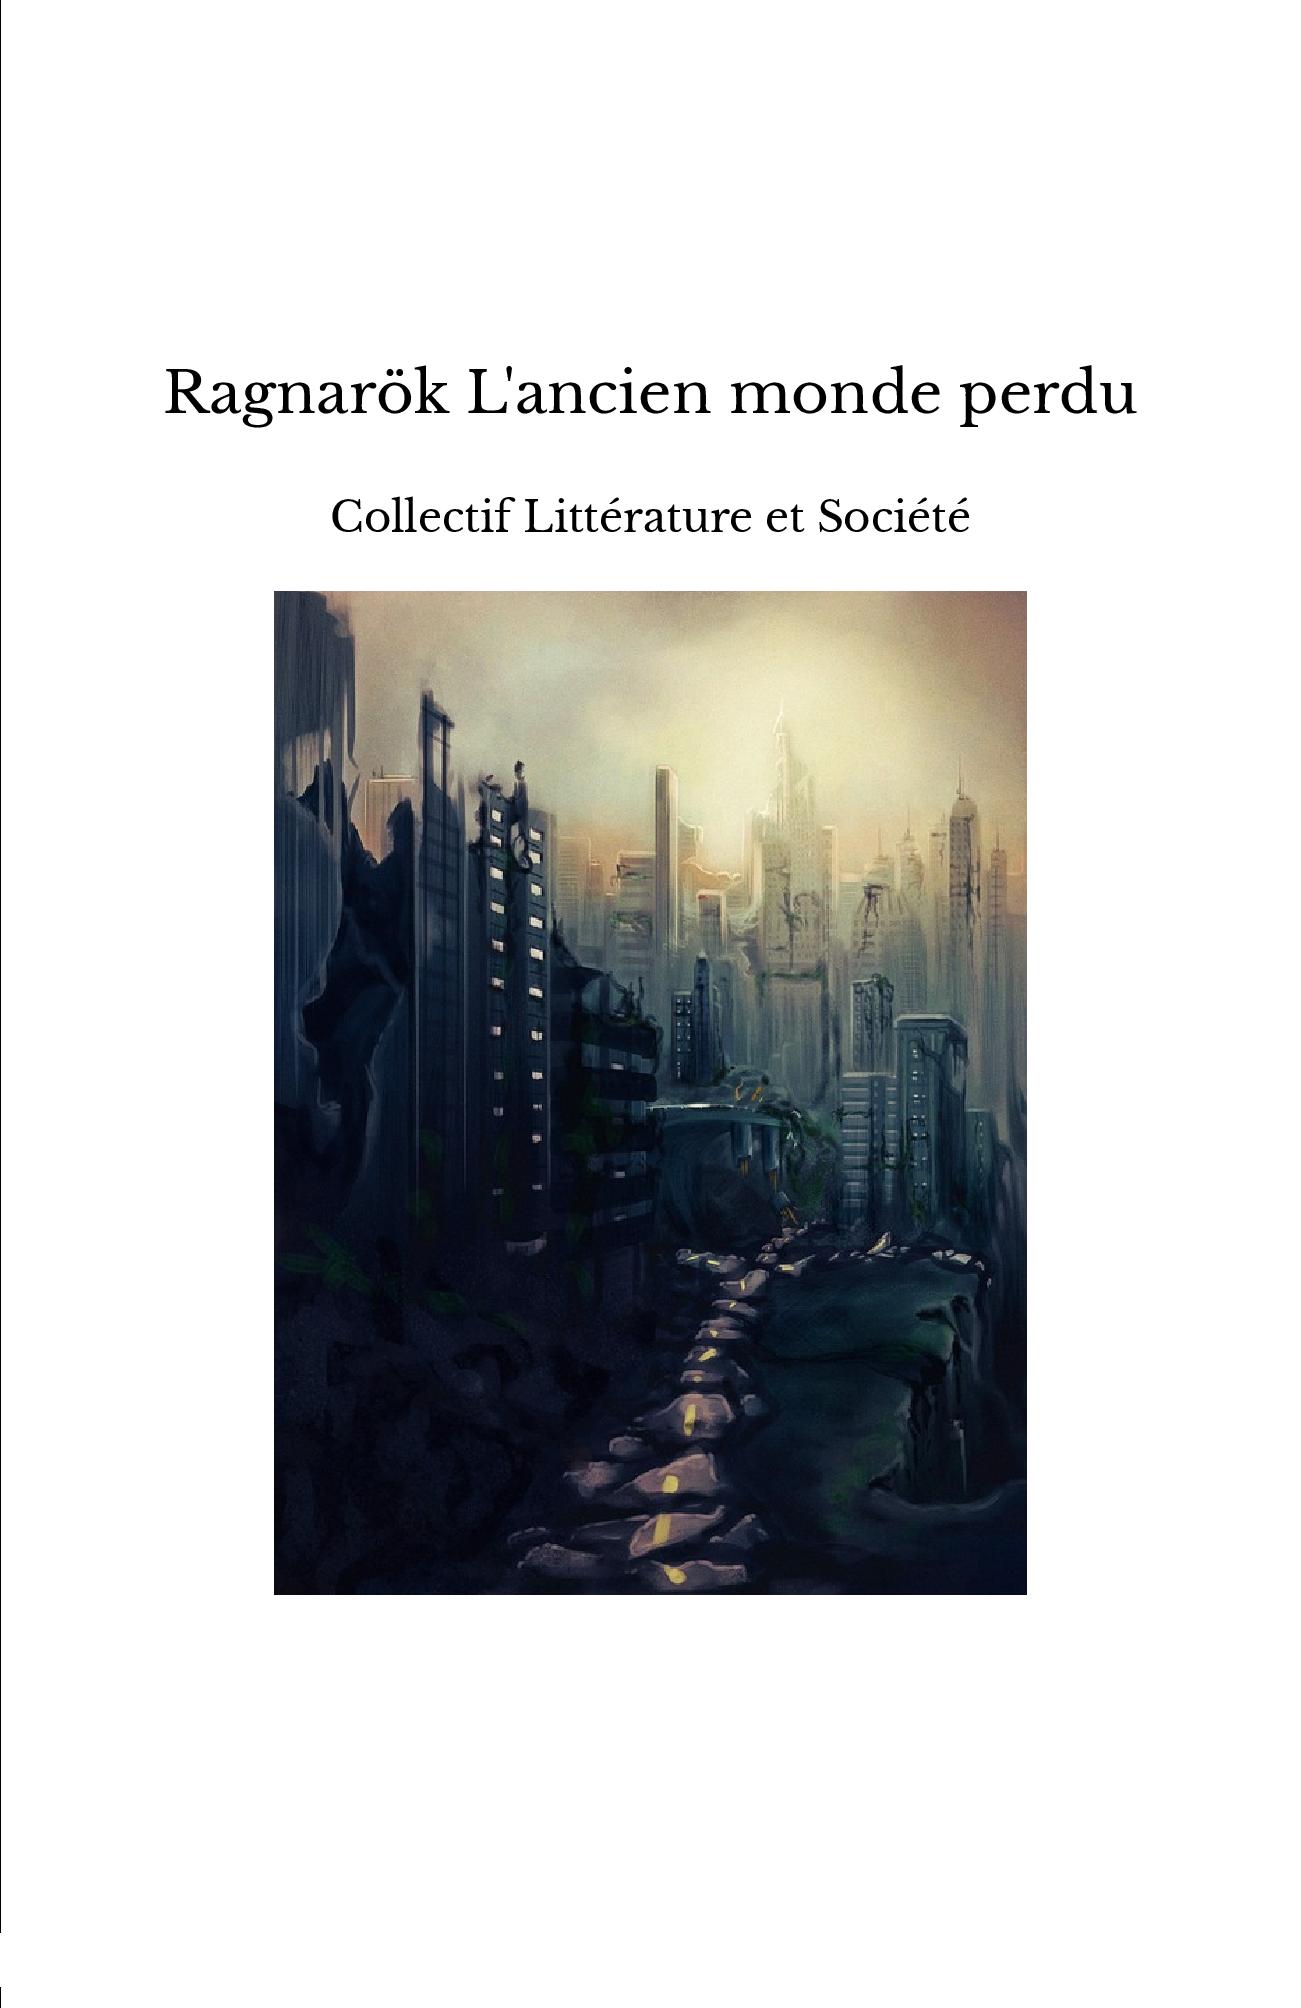 Ragnarök L'ancien monde perdu